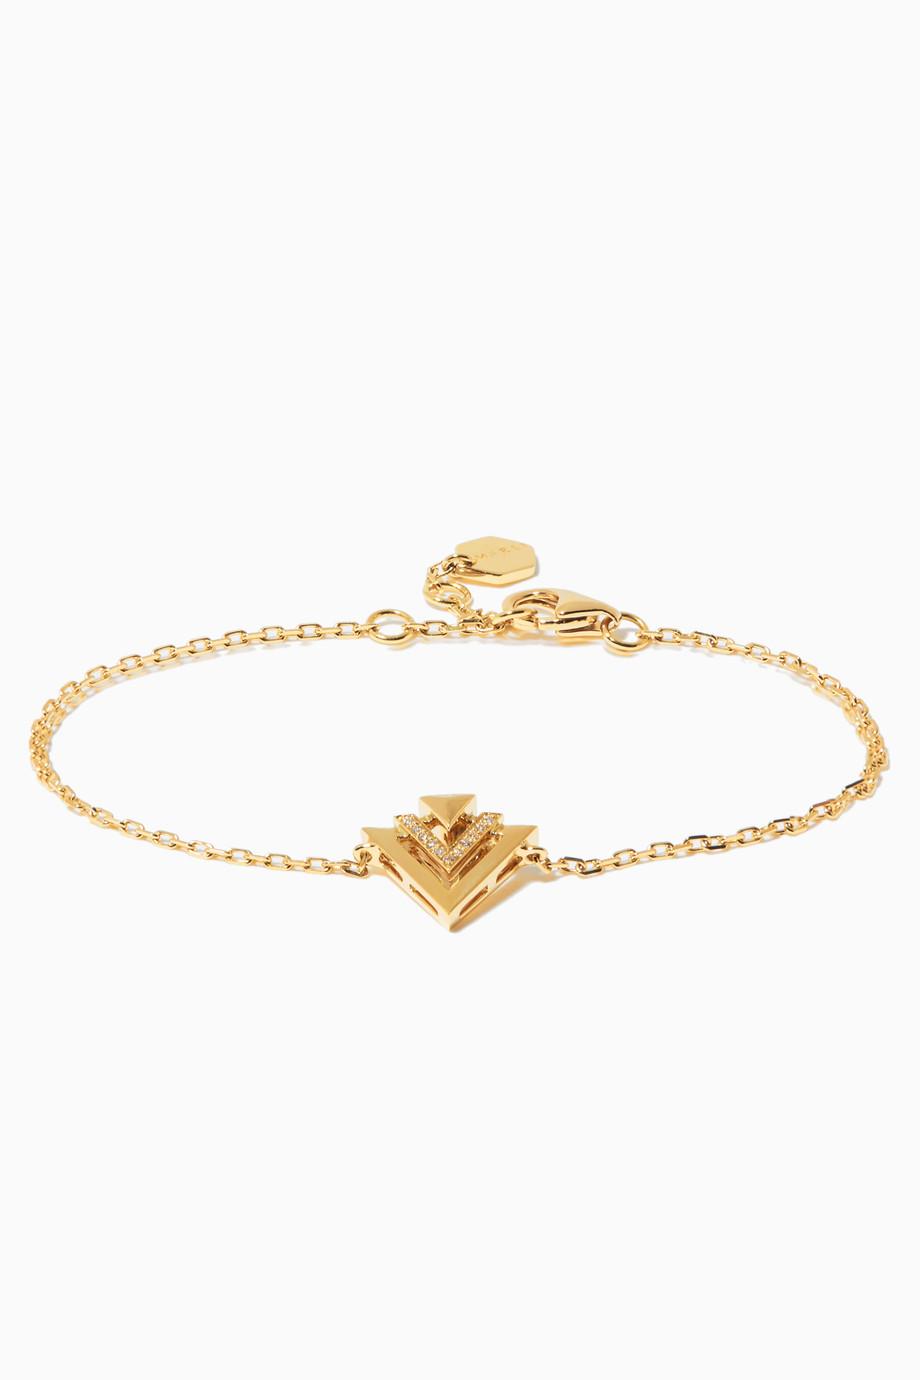 ec8a991f3 Shop Marli Yellow Yellow-Gold & Diamond Avant Bracelet for Women   Ounass